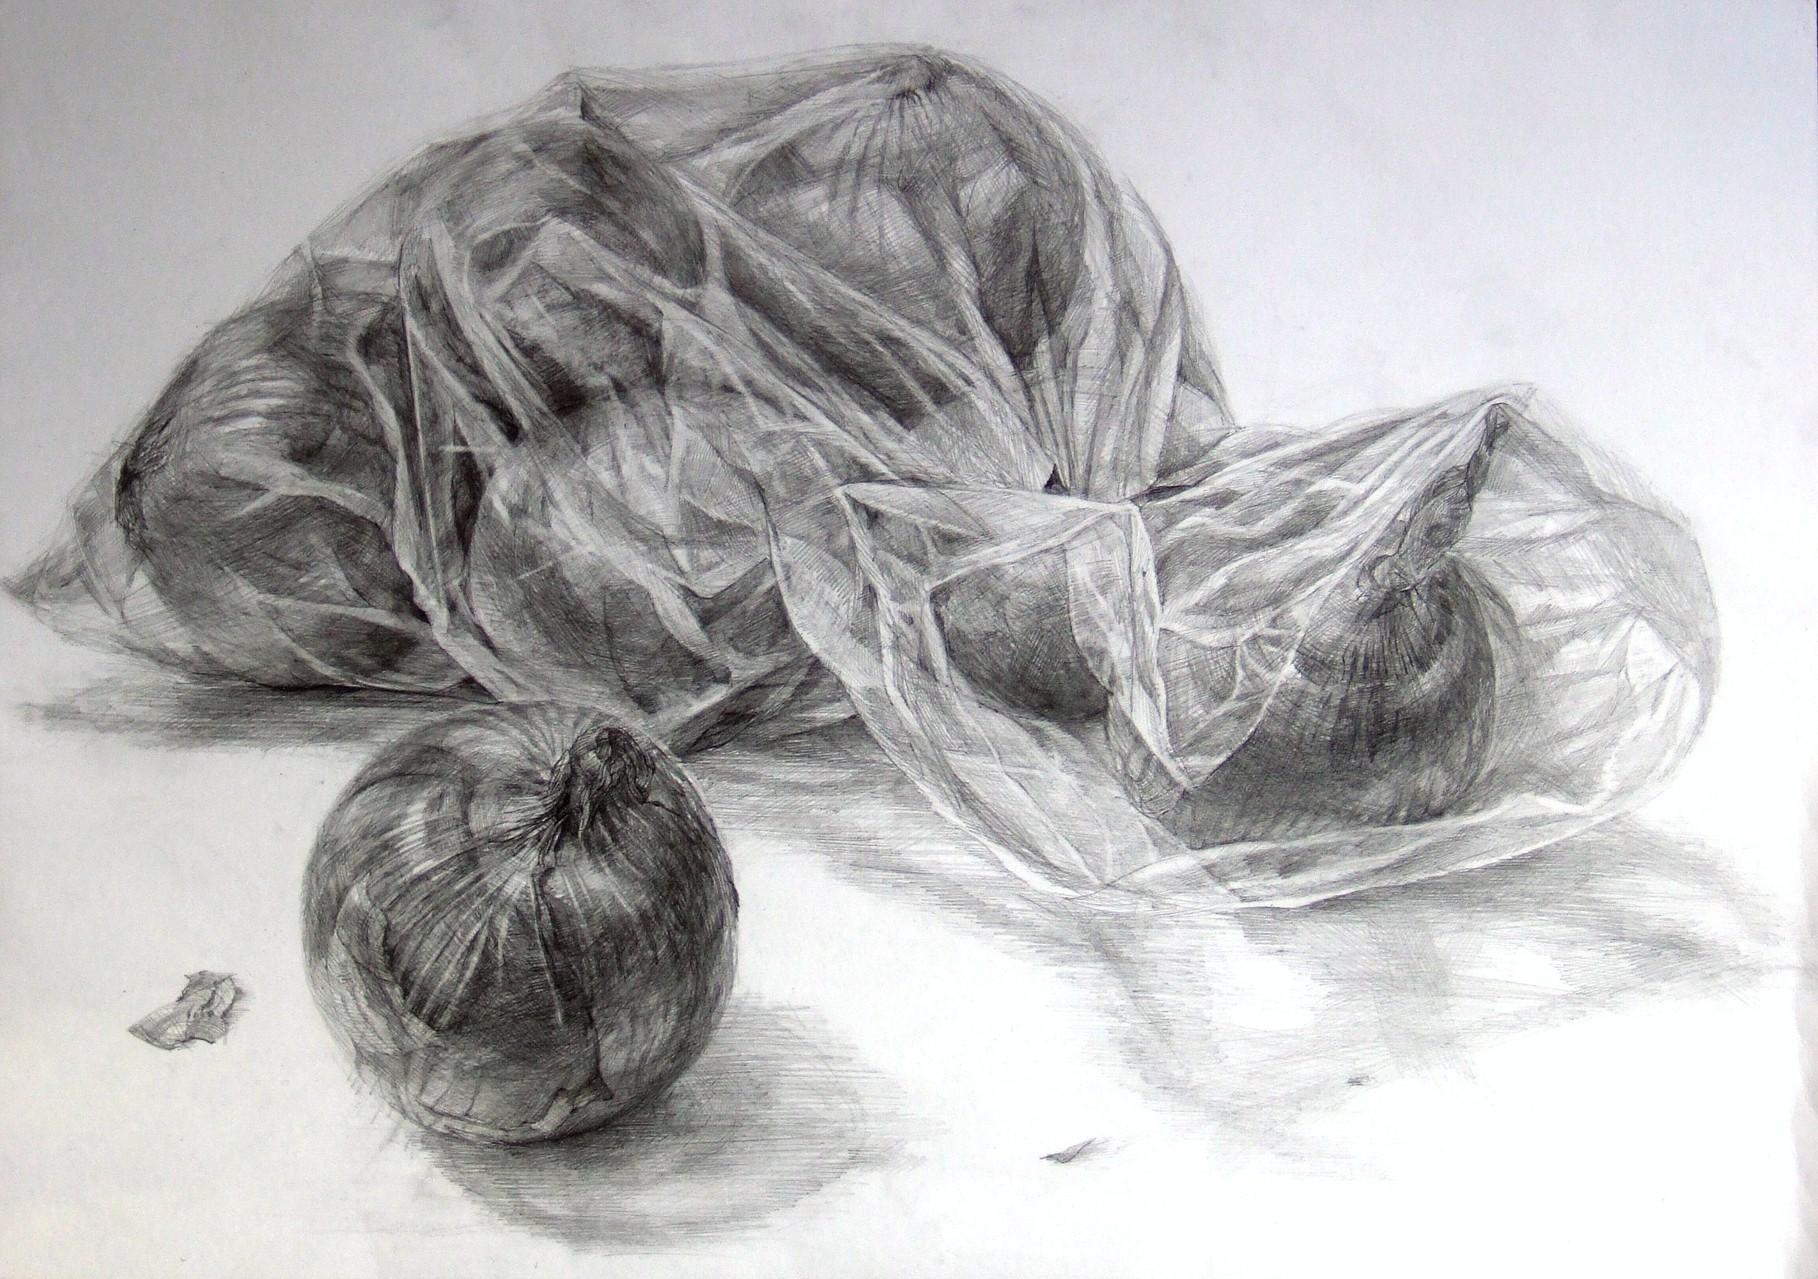 生徒作品59 鉛筆デッサン<卓上静物> 4ツ切り判 B187画用紙 【日本画系】